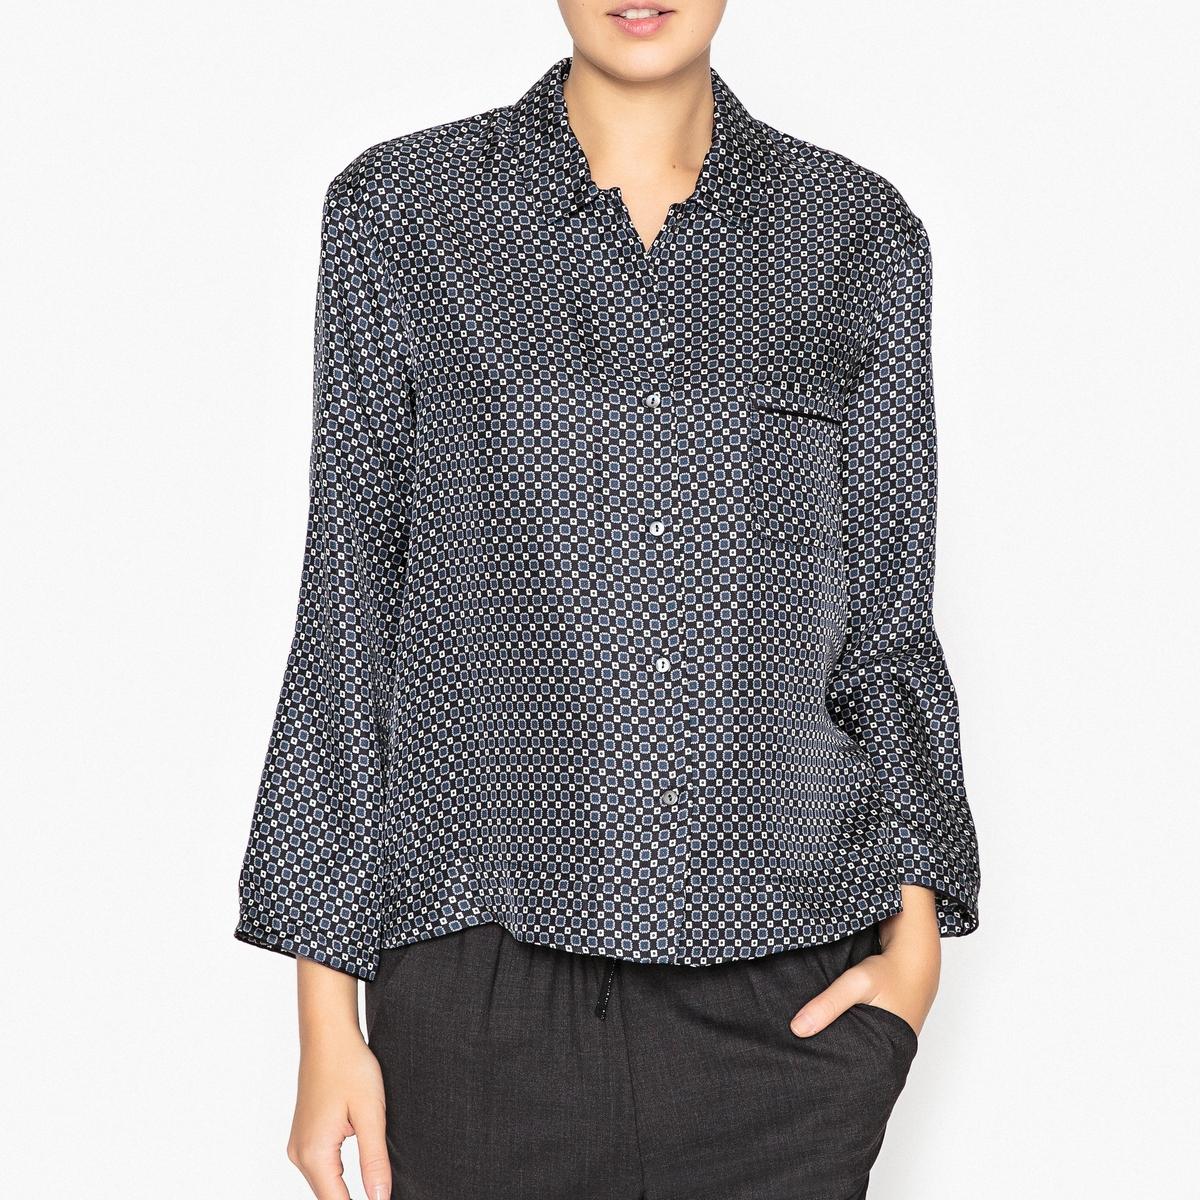 Рубашка шелковая ASTRELLEРубашка MOMONI - модель ASTRELLE из 100% шелка, в клетку, пижамного фасона. Детали •  Длинные рукава •  Покрой бойфренд, свободный •  Воротник-поло, рубашечный  •  Рисунок в клеткуСостав и уход •  100% шелк •  Следуйте советам по уходу, указанным на этикетке •  Небольшой разрез сбоку •  Тонкая тесьма на манжетах и кармане<br><br>Цвет: темно-синий